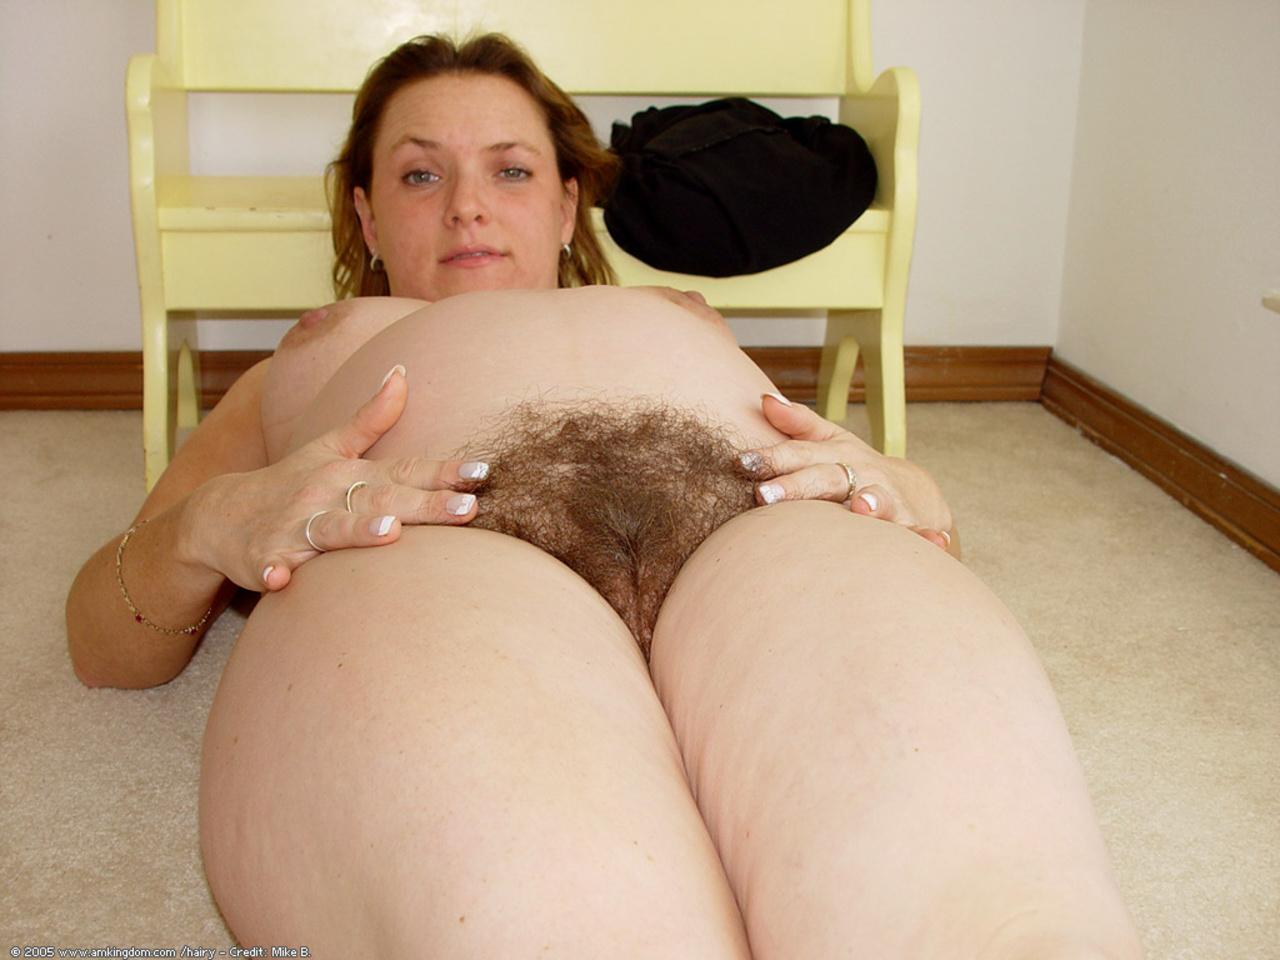 Смотреть порно волосатых беременных бесплатно, Порно видео онлайн: БеременныеВолосатые 9 фотография